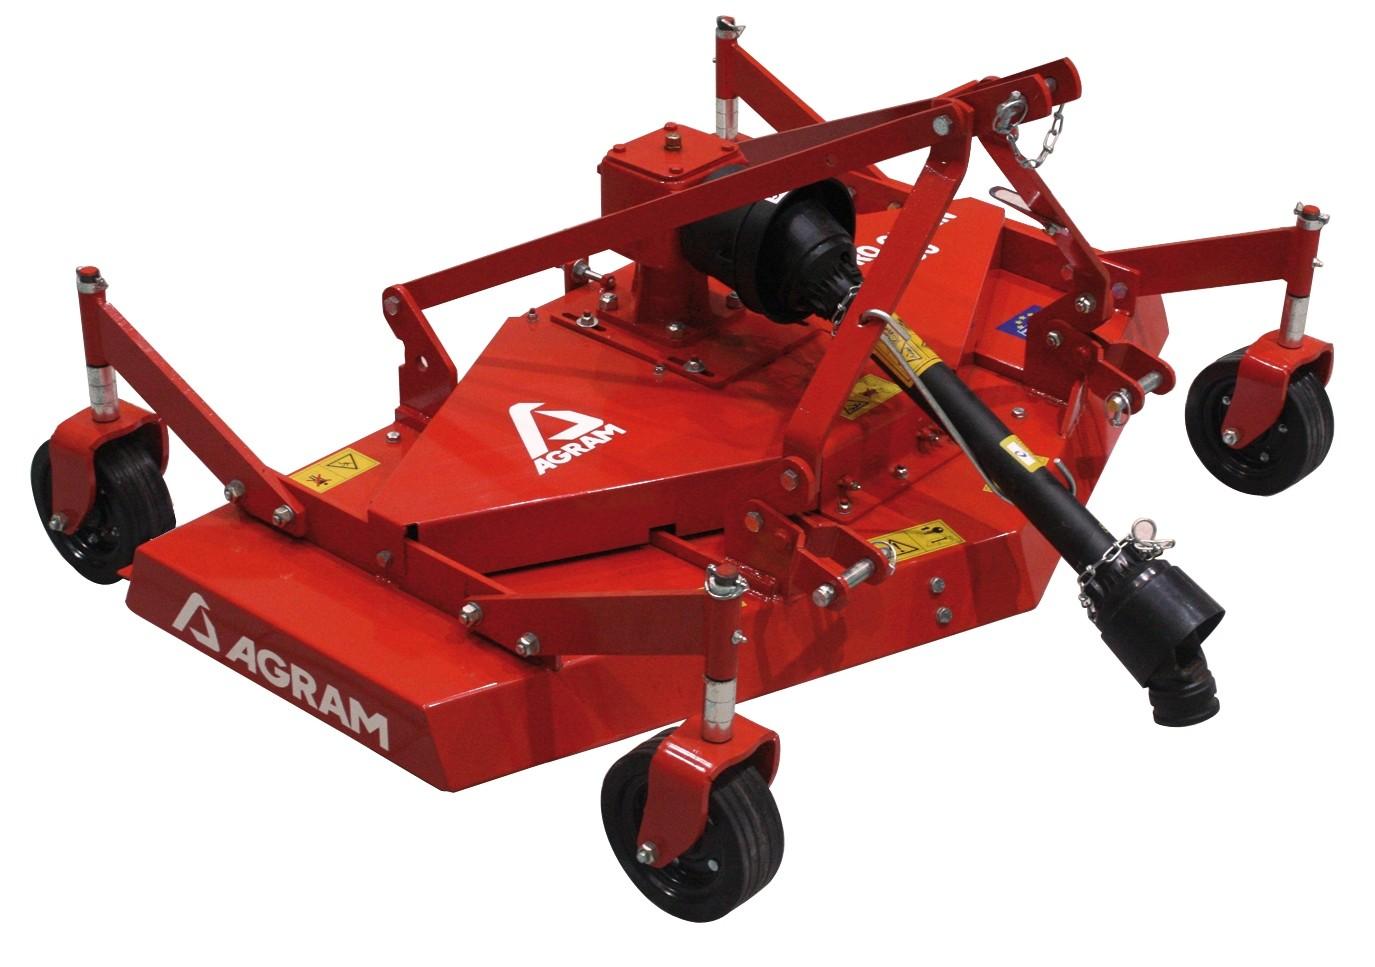 Tondeuse Pour Micro Tracteur Tondeuse Agricole Agram Fr